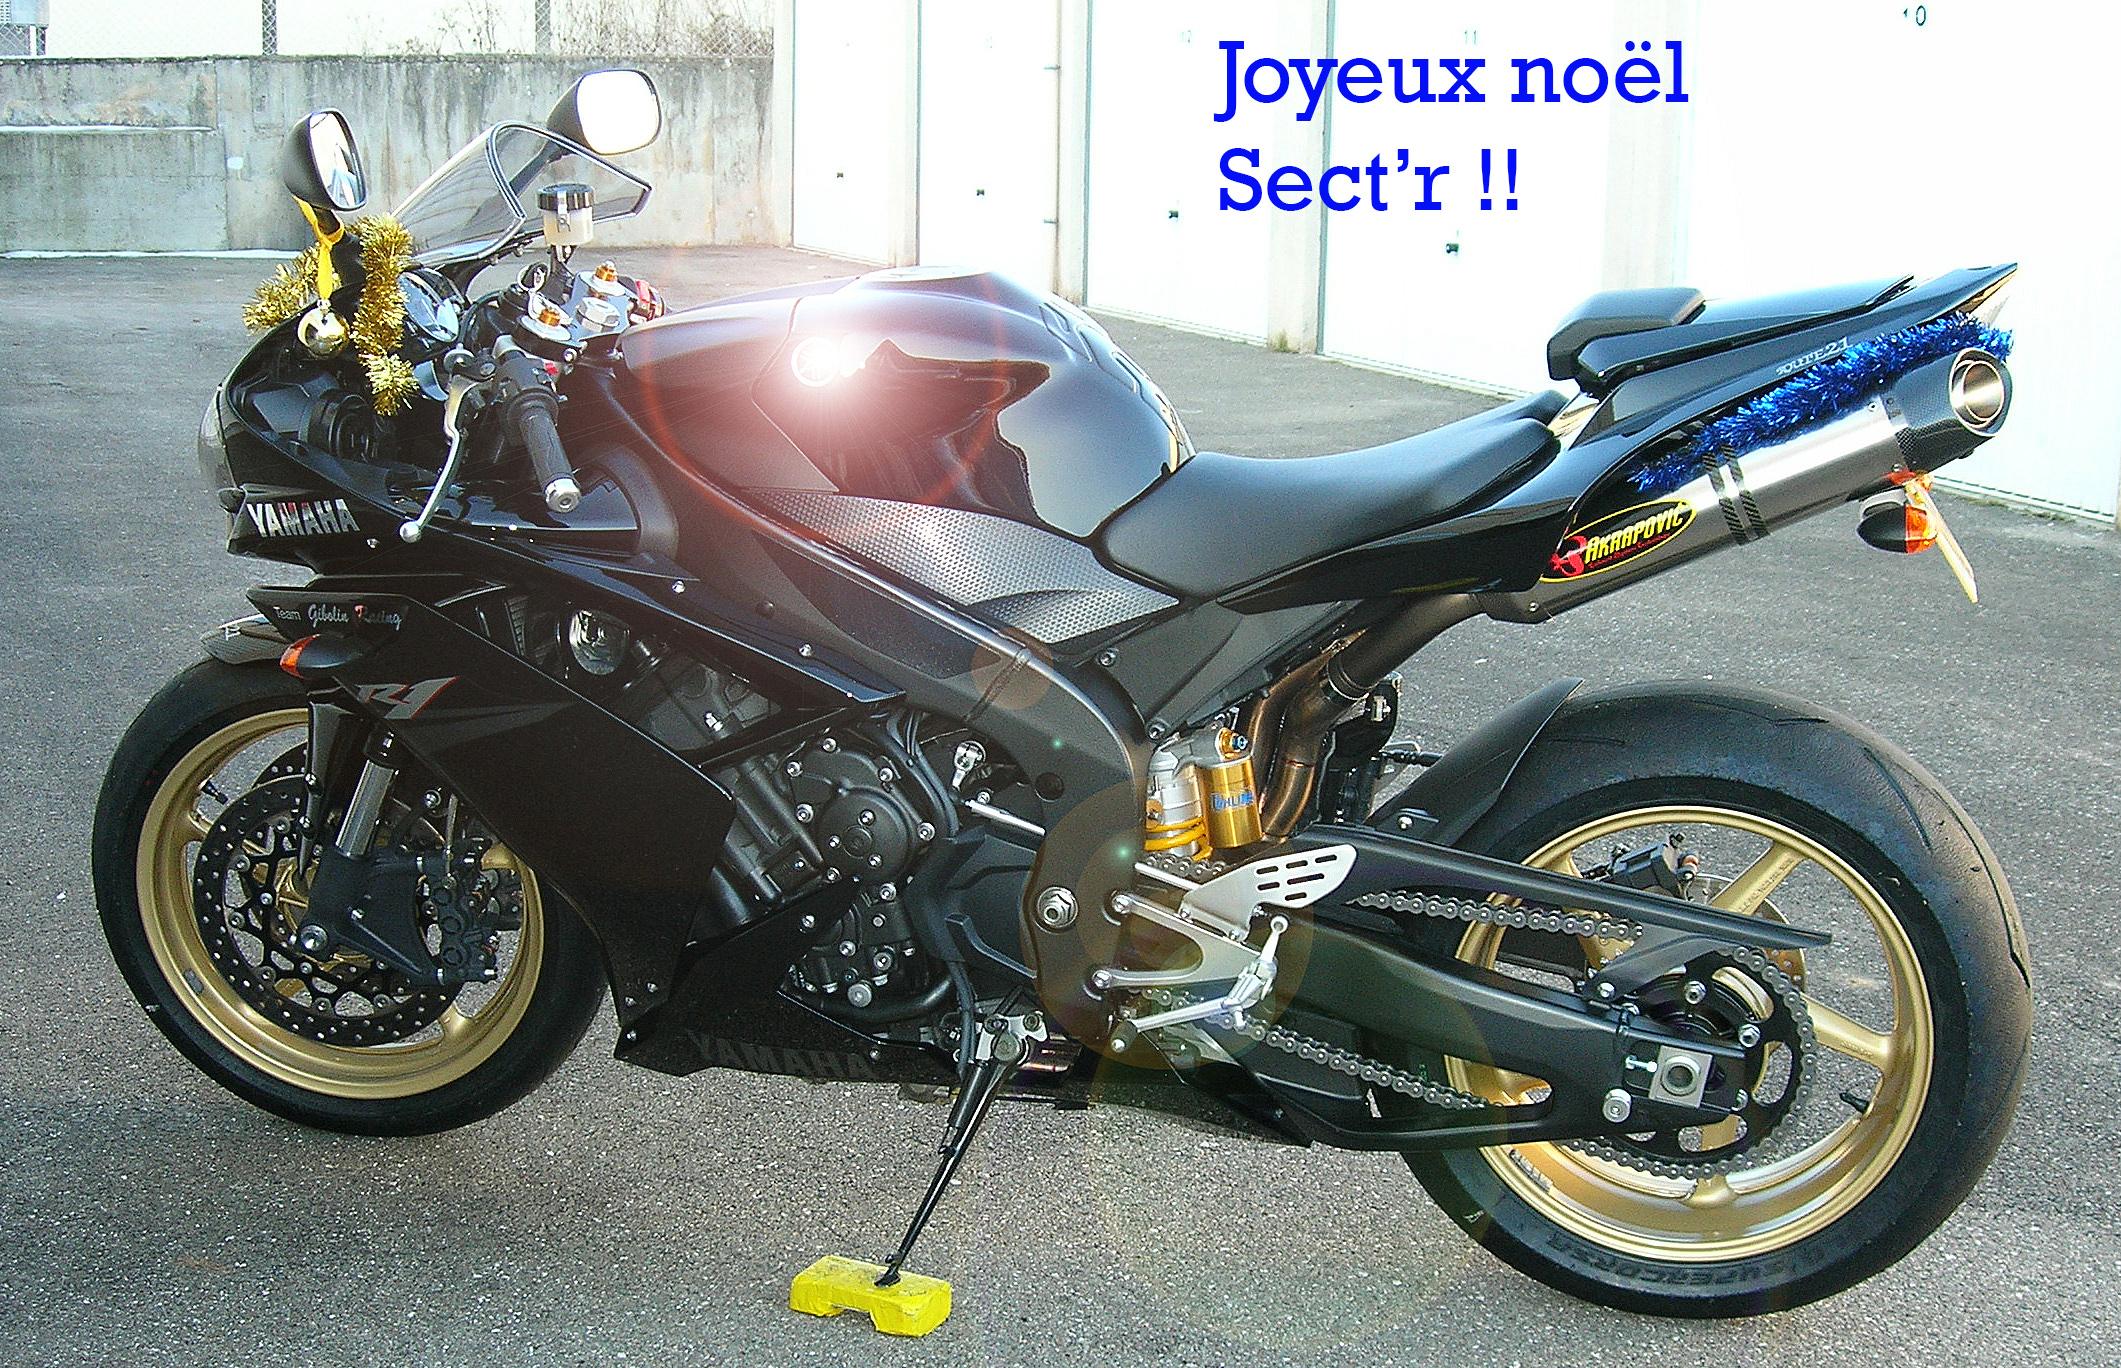 Ca vous dit un petit concours photo sur le thème de Noël et la moto ? 750529DSCN4537copier3